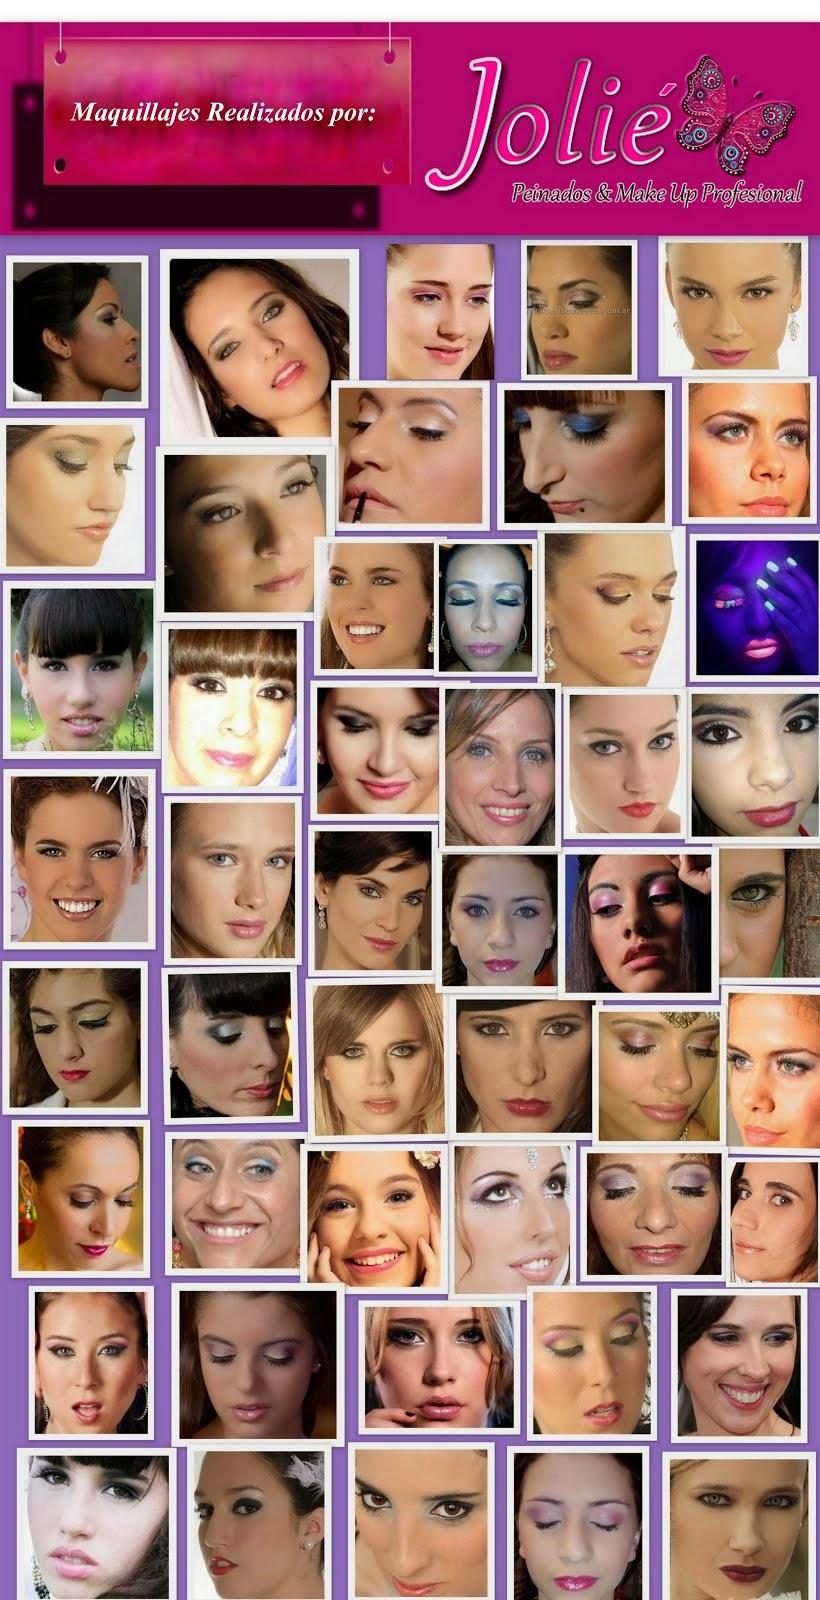 Maquillajes Jolié